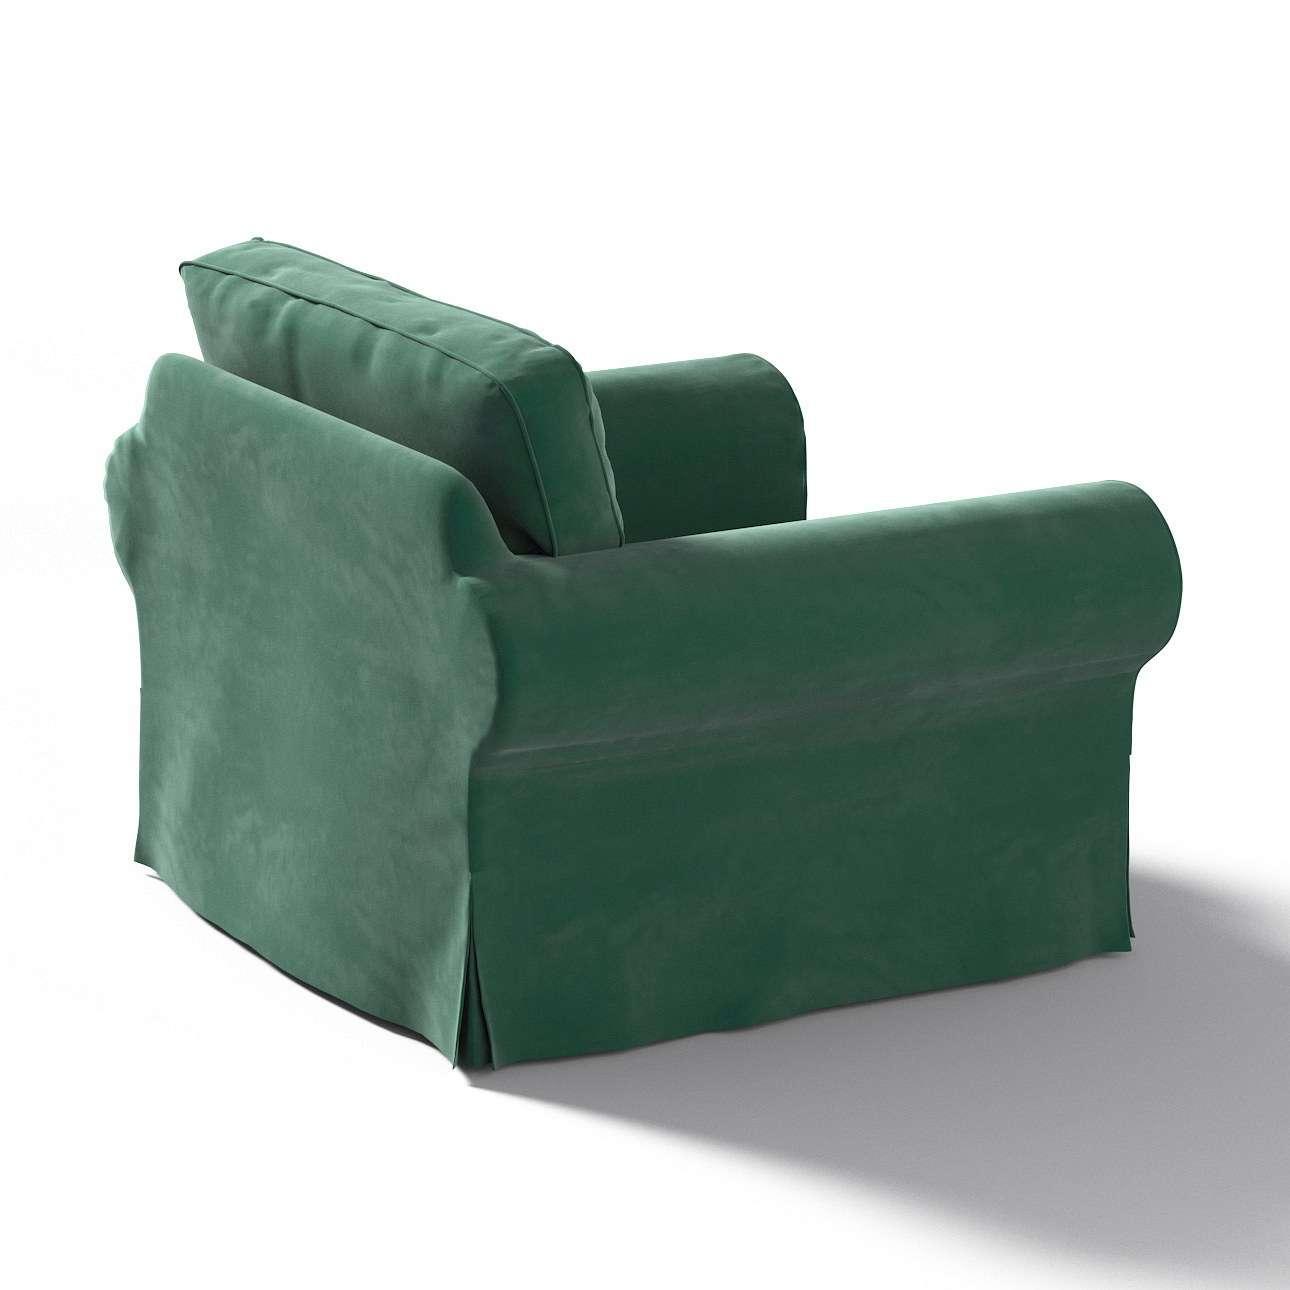 Pokrowiec na fotel Ektorp w kolekcji Velvet, tkanina: 704-25